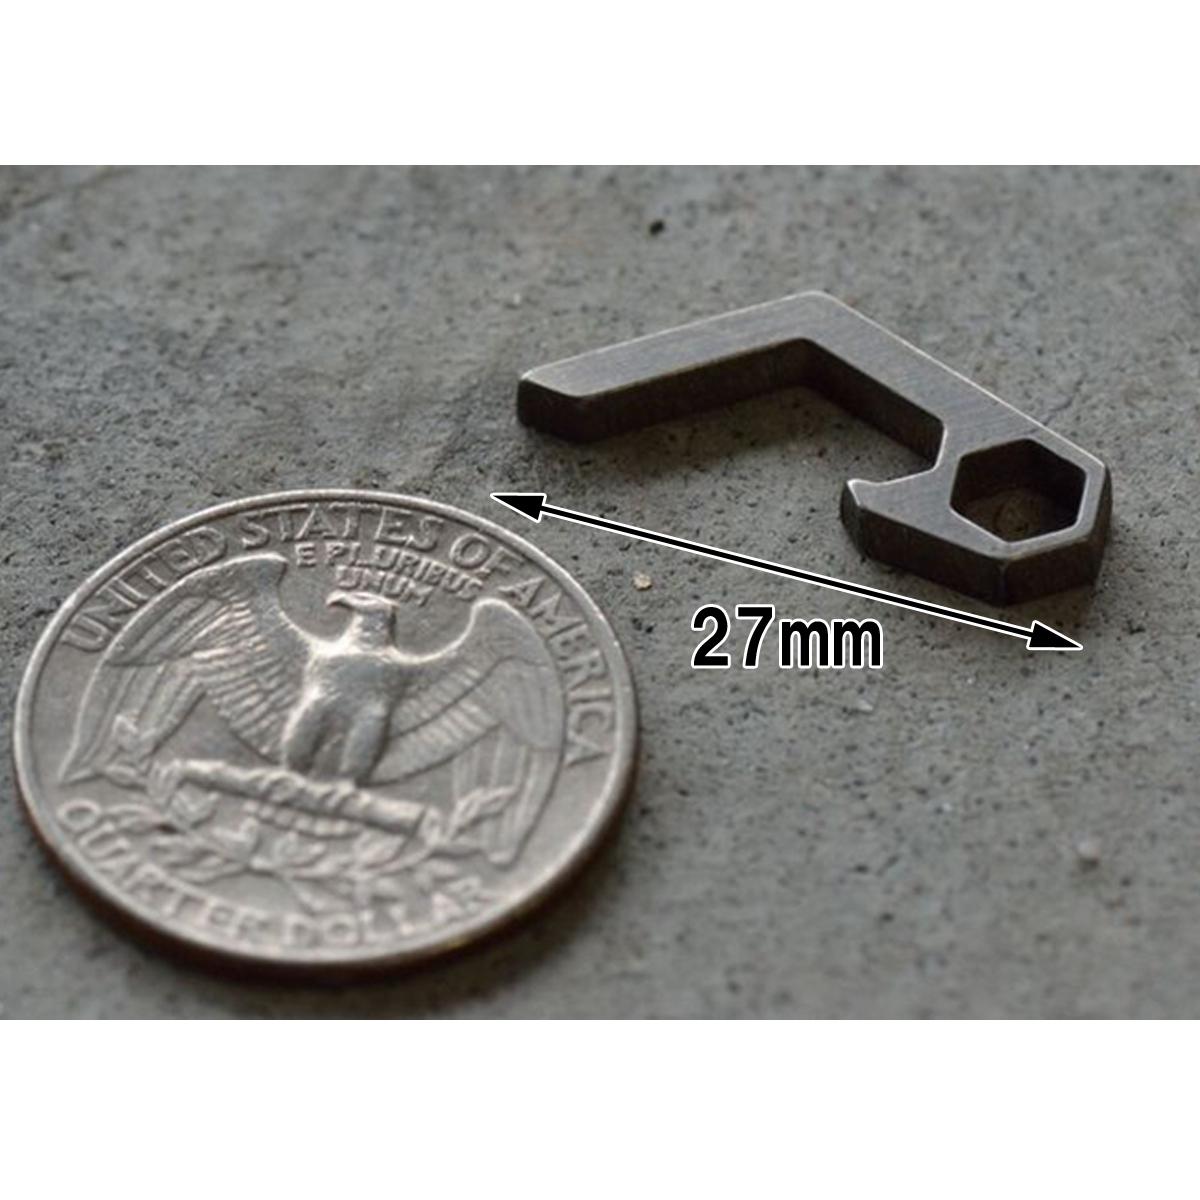 マイクロ 栓抜き チタン合金